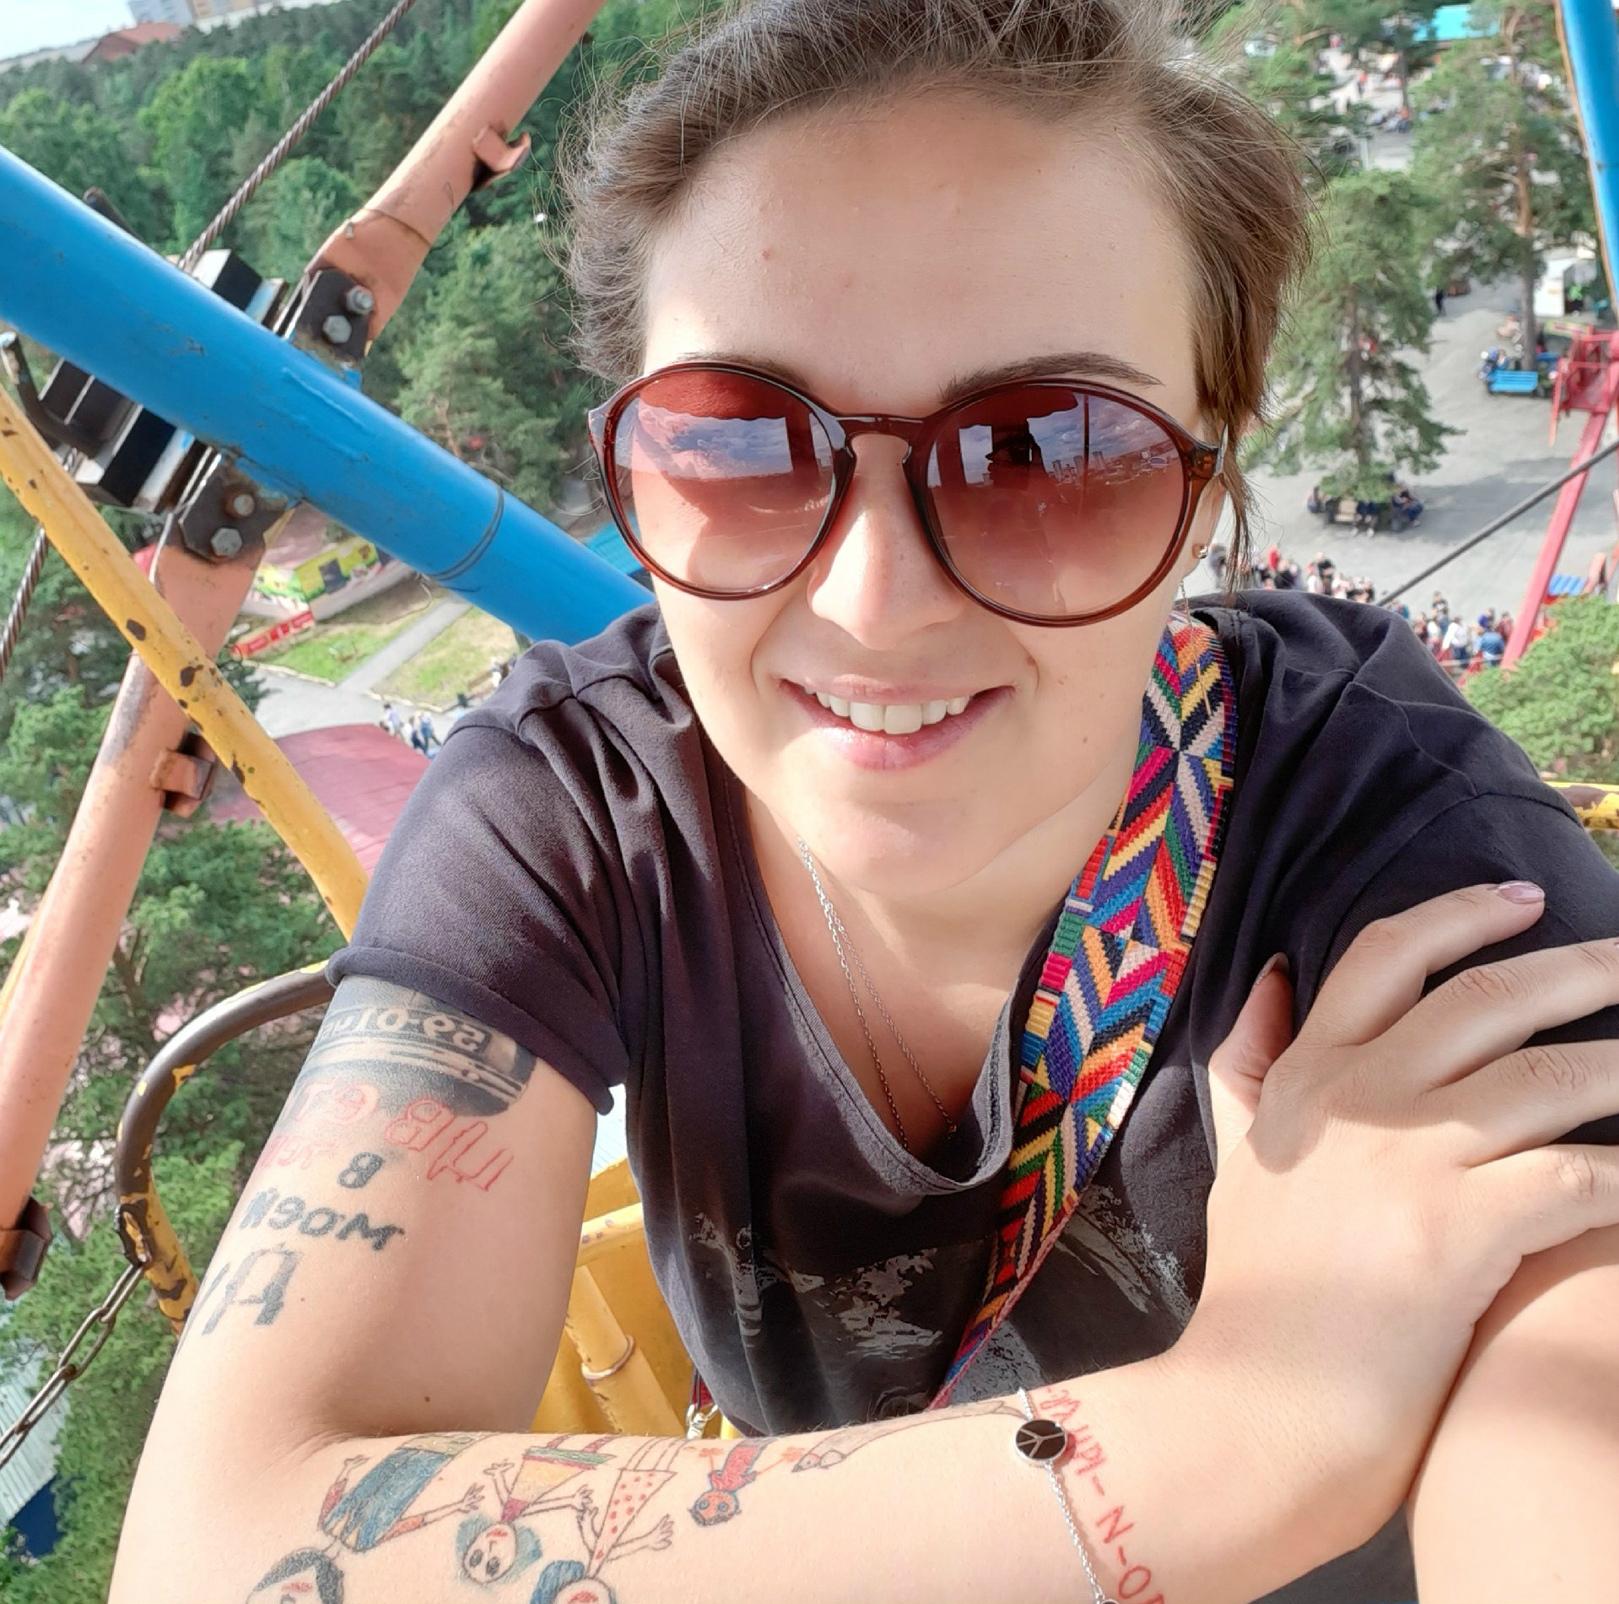 Каждая татуировка на теле Дарьи для неё особенная